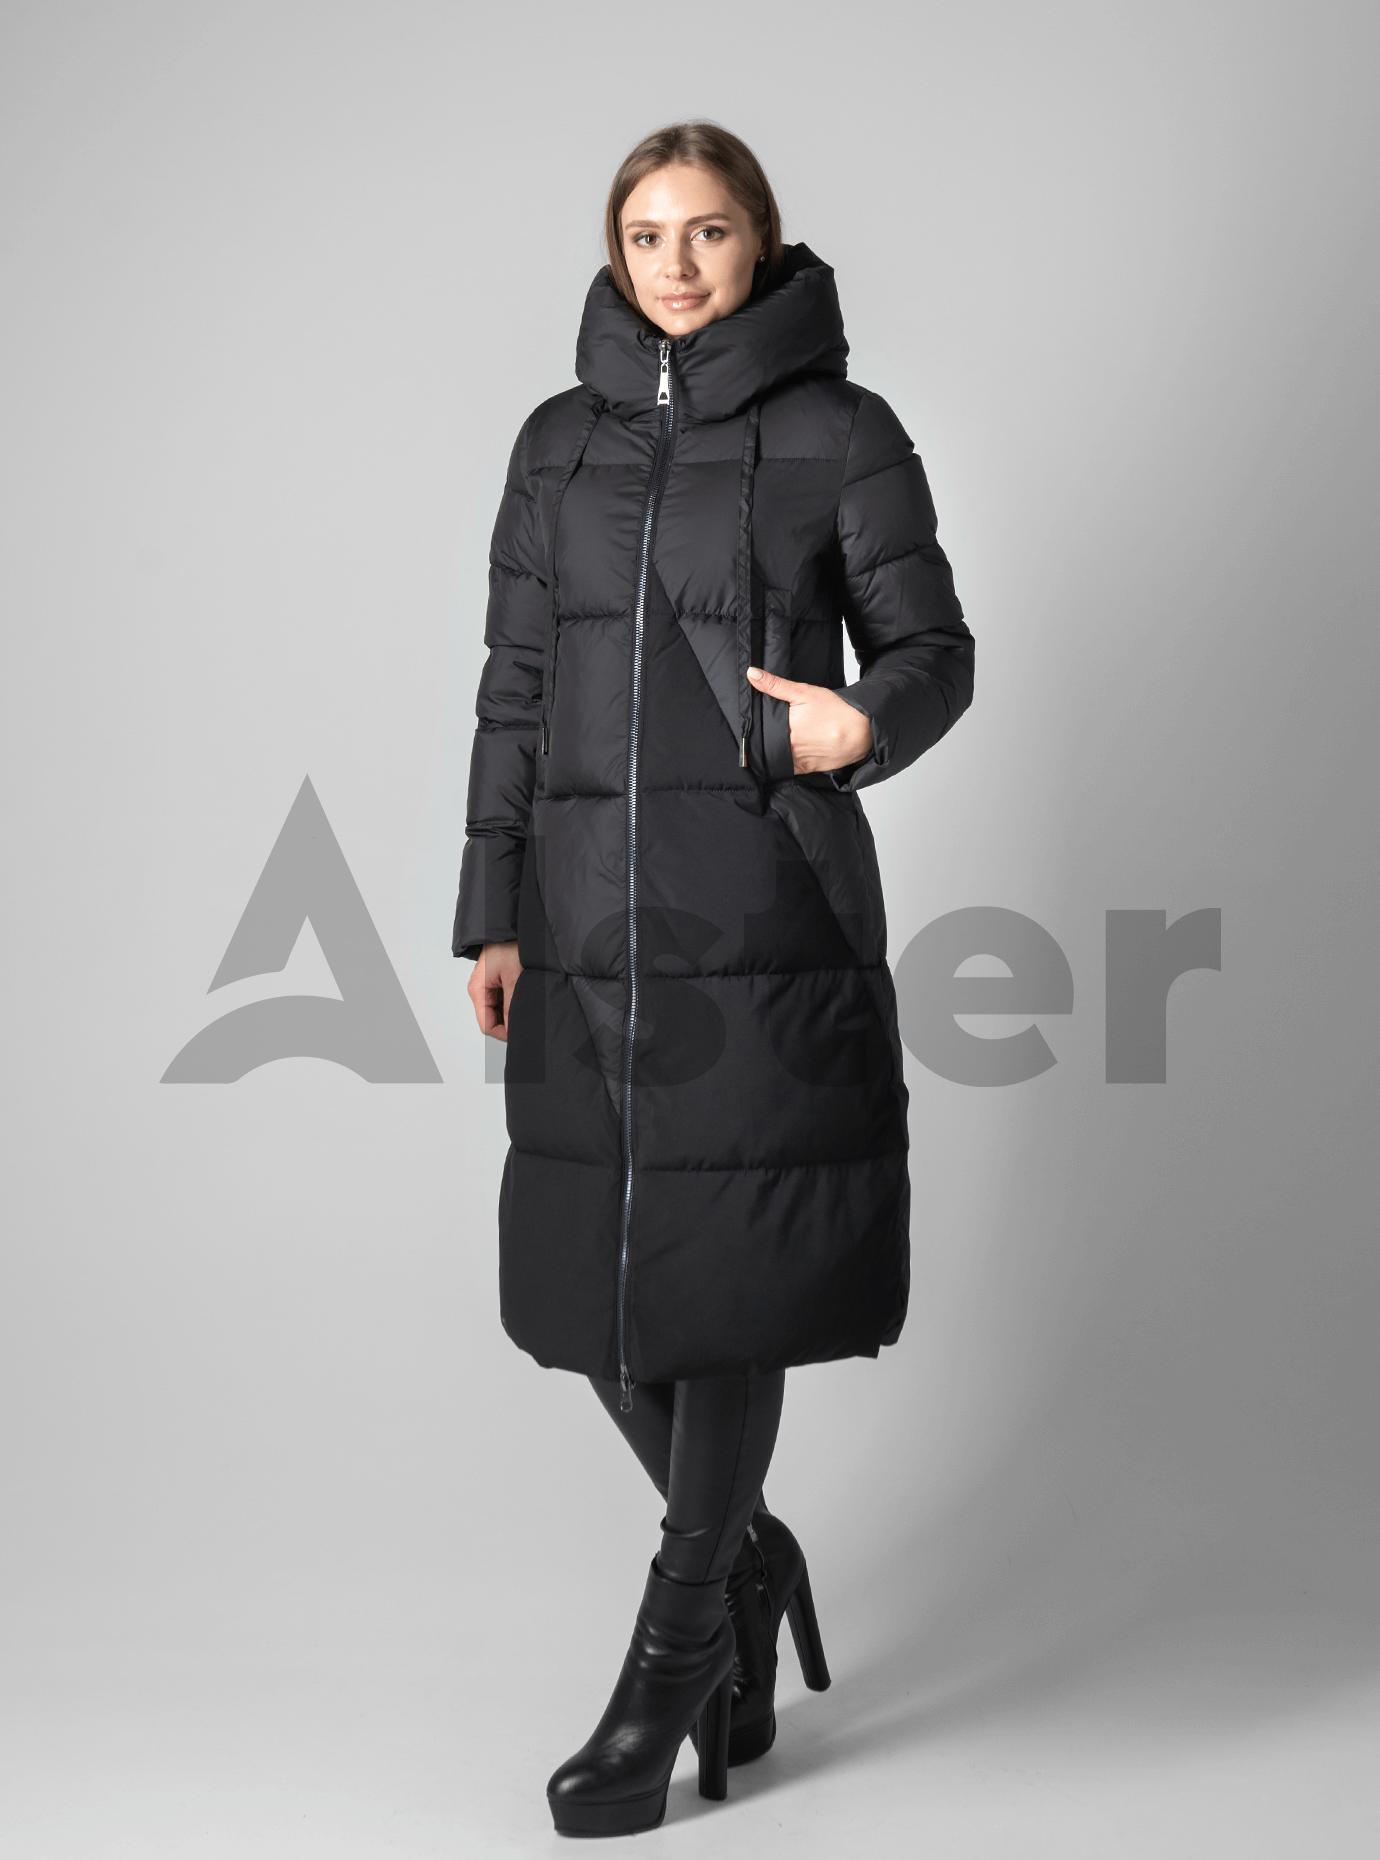 Классическая зимняя женская куртка Чёрный S (02-190216): фото - Alster.ua